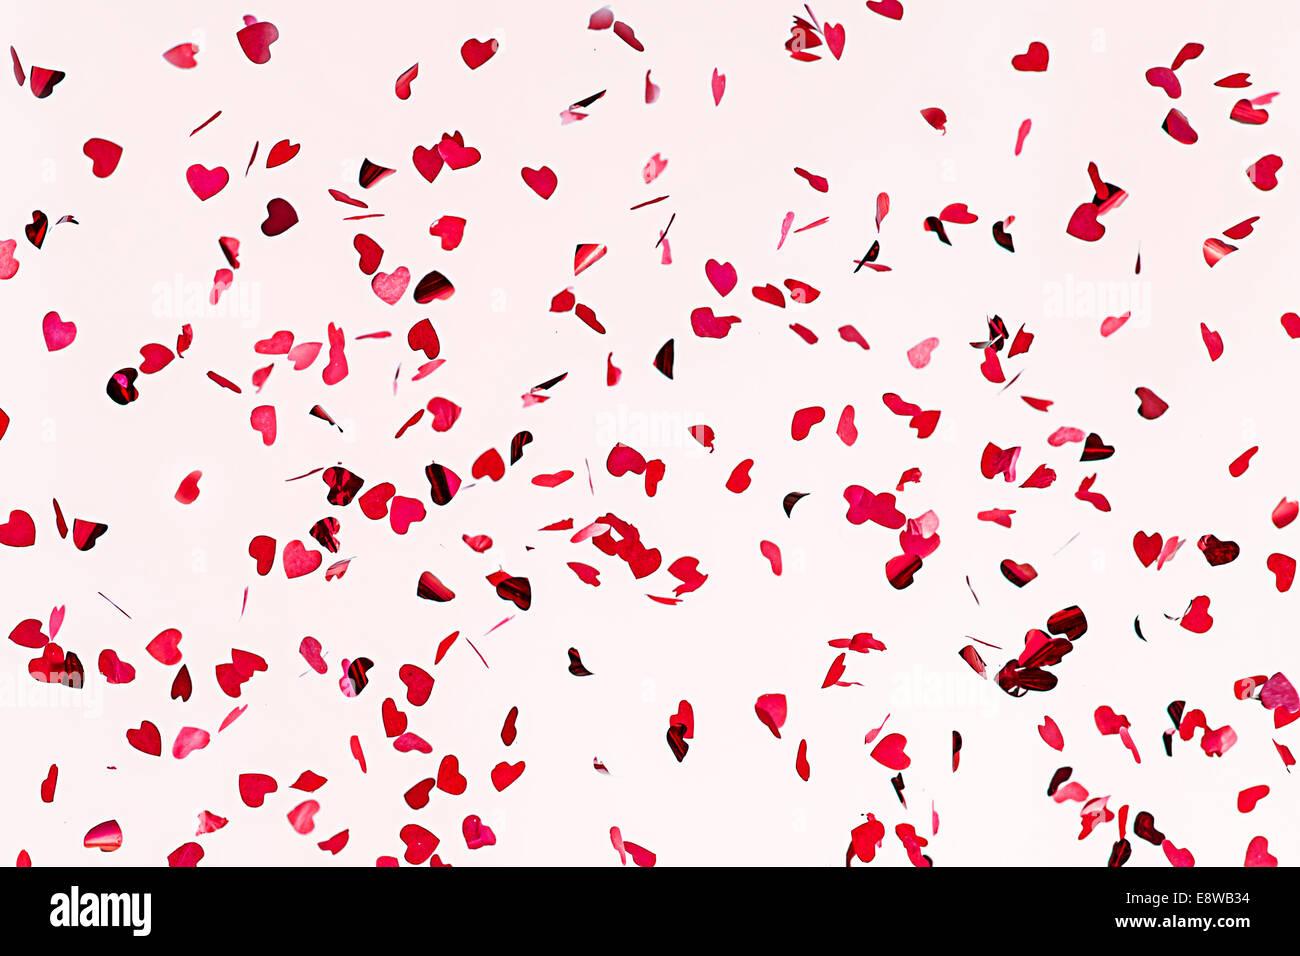 Alles was Sie brauchen ist Liebe. Detailansicht der Konfetti Herzen von roter Farbe rosa Hintergrund. Stockfoto